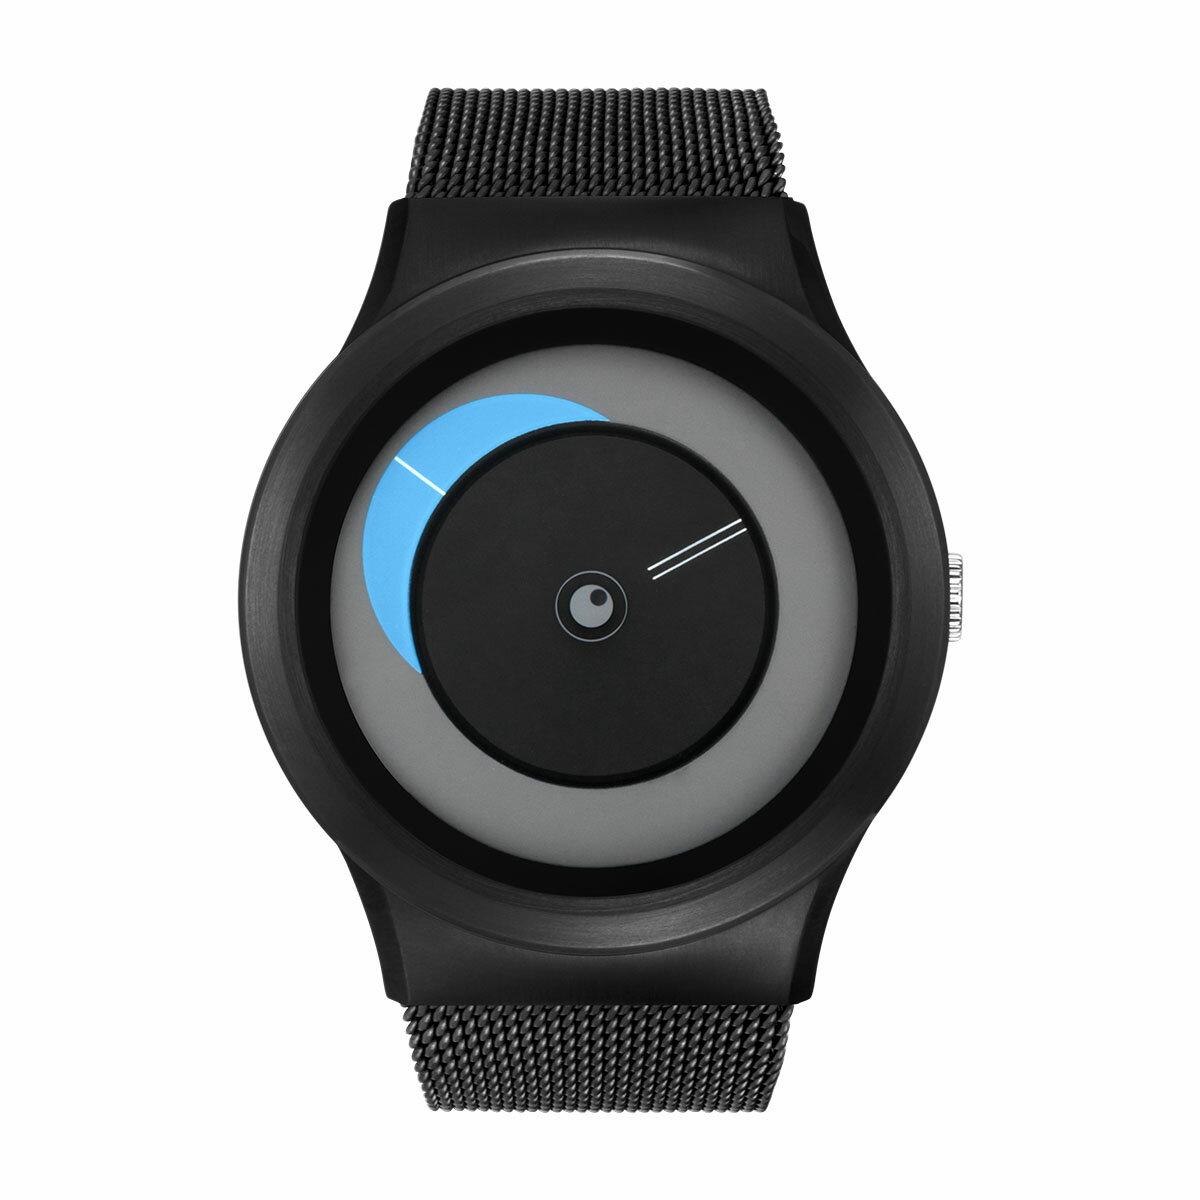 ZEROO CRESCENT MOON ゼロ 電池式クォーツ 腕時計 [W09036B03SM03] ブルー デザインウォッチ ペア用 メンズ レディース ユニセックス おしゃれ時計 デザイナーズ